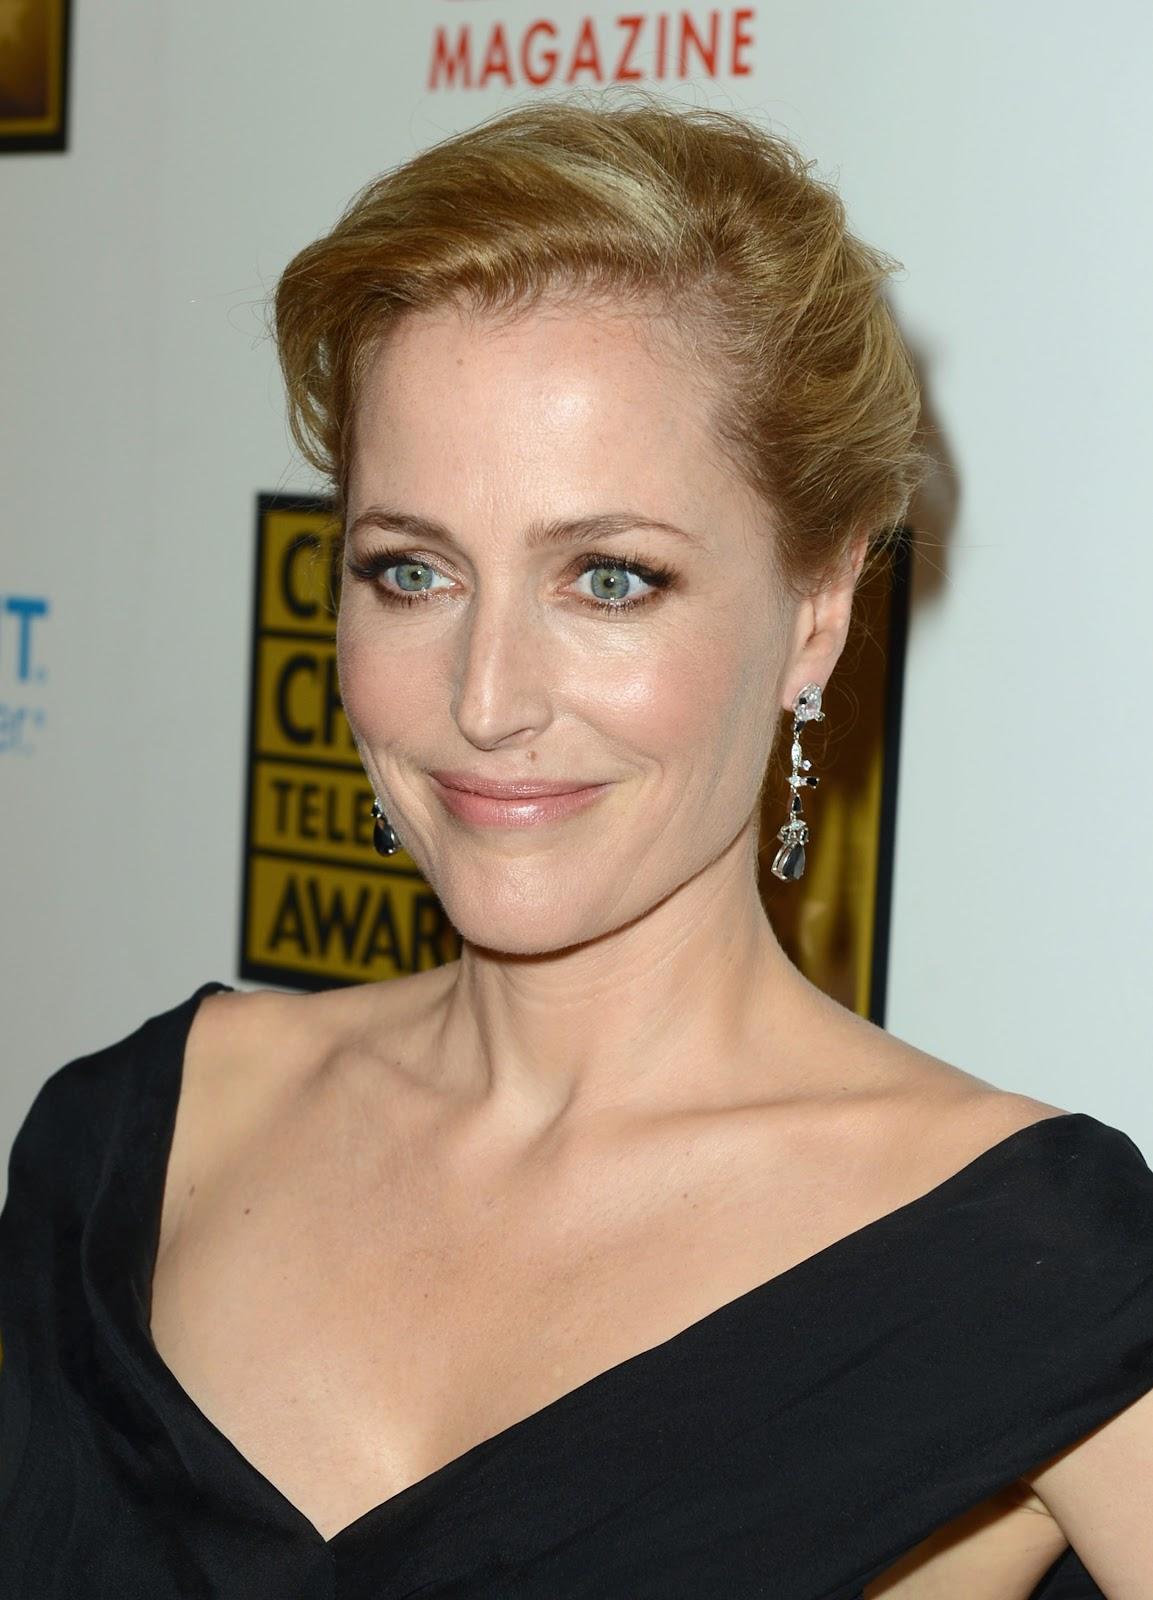 http://3.bp.blogspot.com/-5xFMq3kzWfI/T-Cvk_idVZI/AAAAAAAADJ0/U8DJzMEgHAM/s1600/Ega_Gillian-Anderson_Critics-Choice-Awards_Junio-18_2012_04.jpg